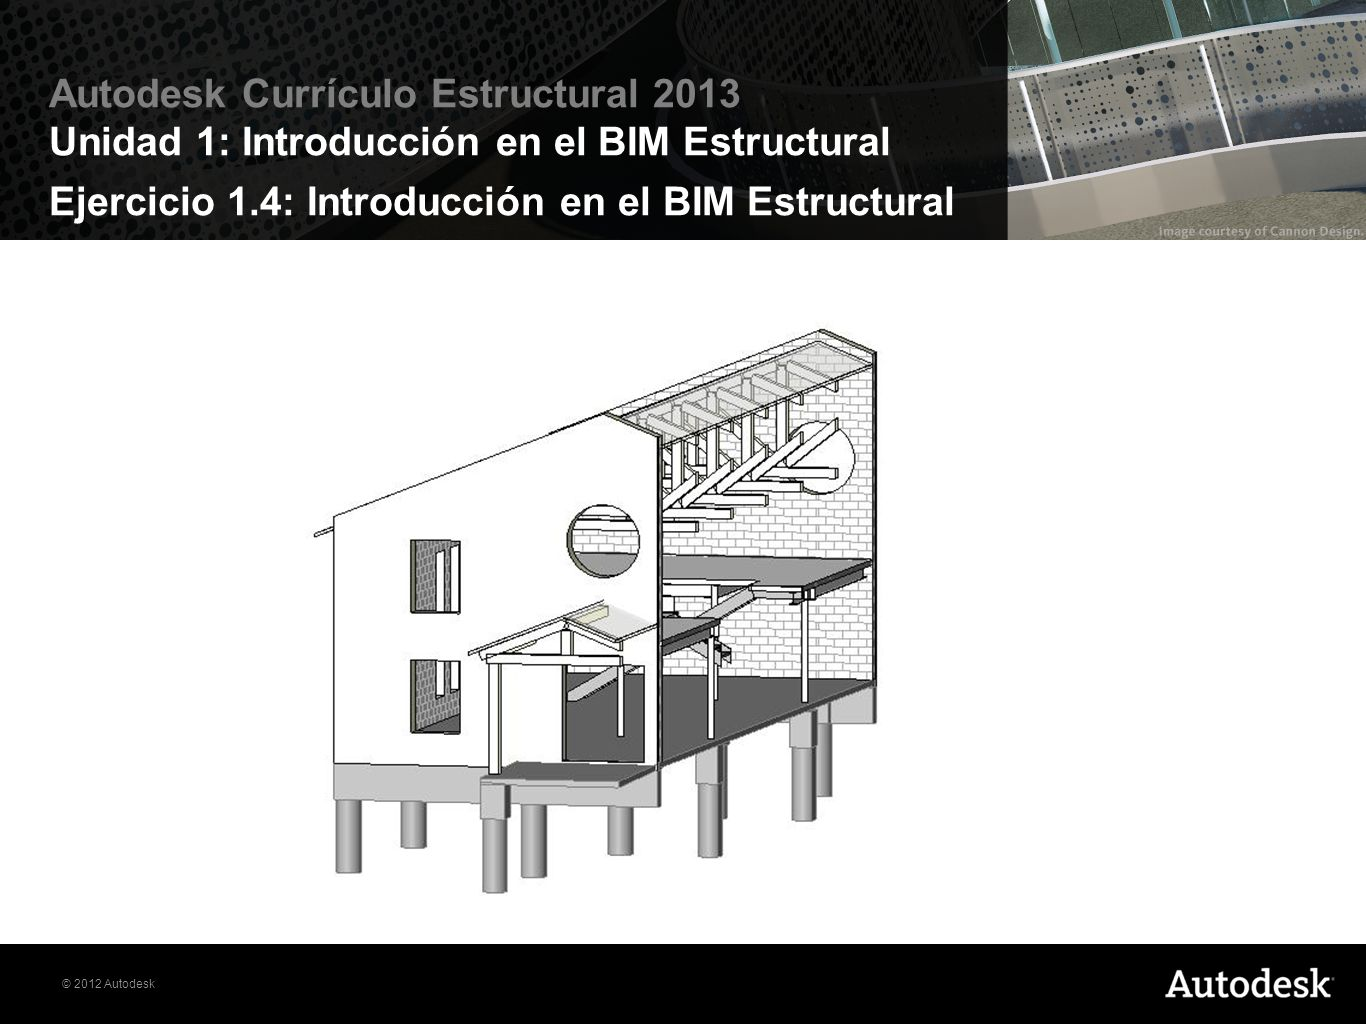 Ejercicio 1.4: Introducción en el BIM Estructural